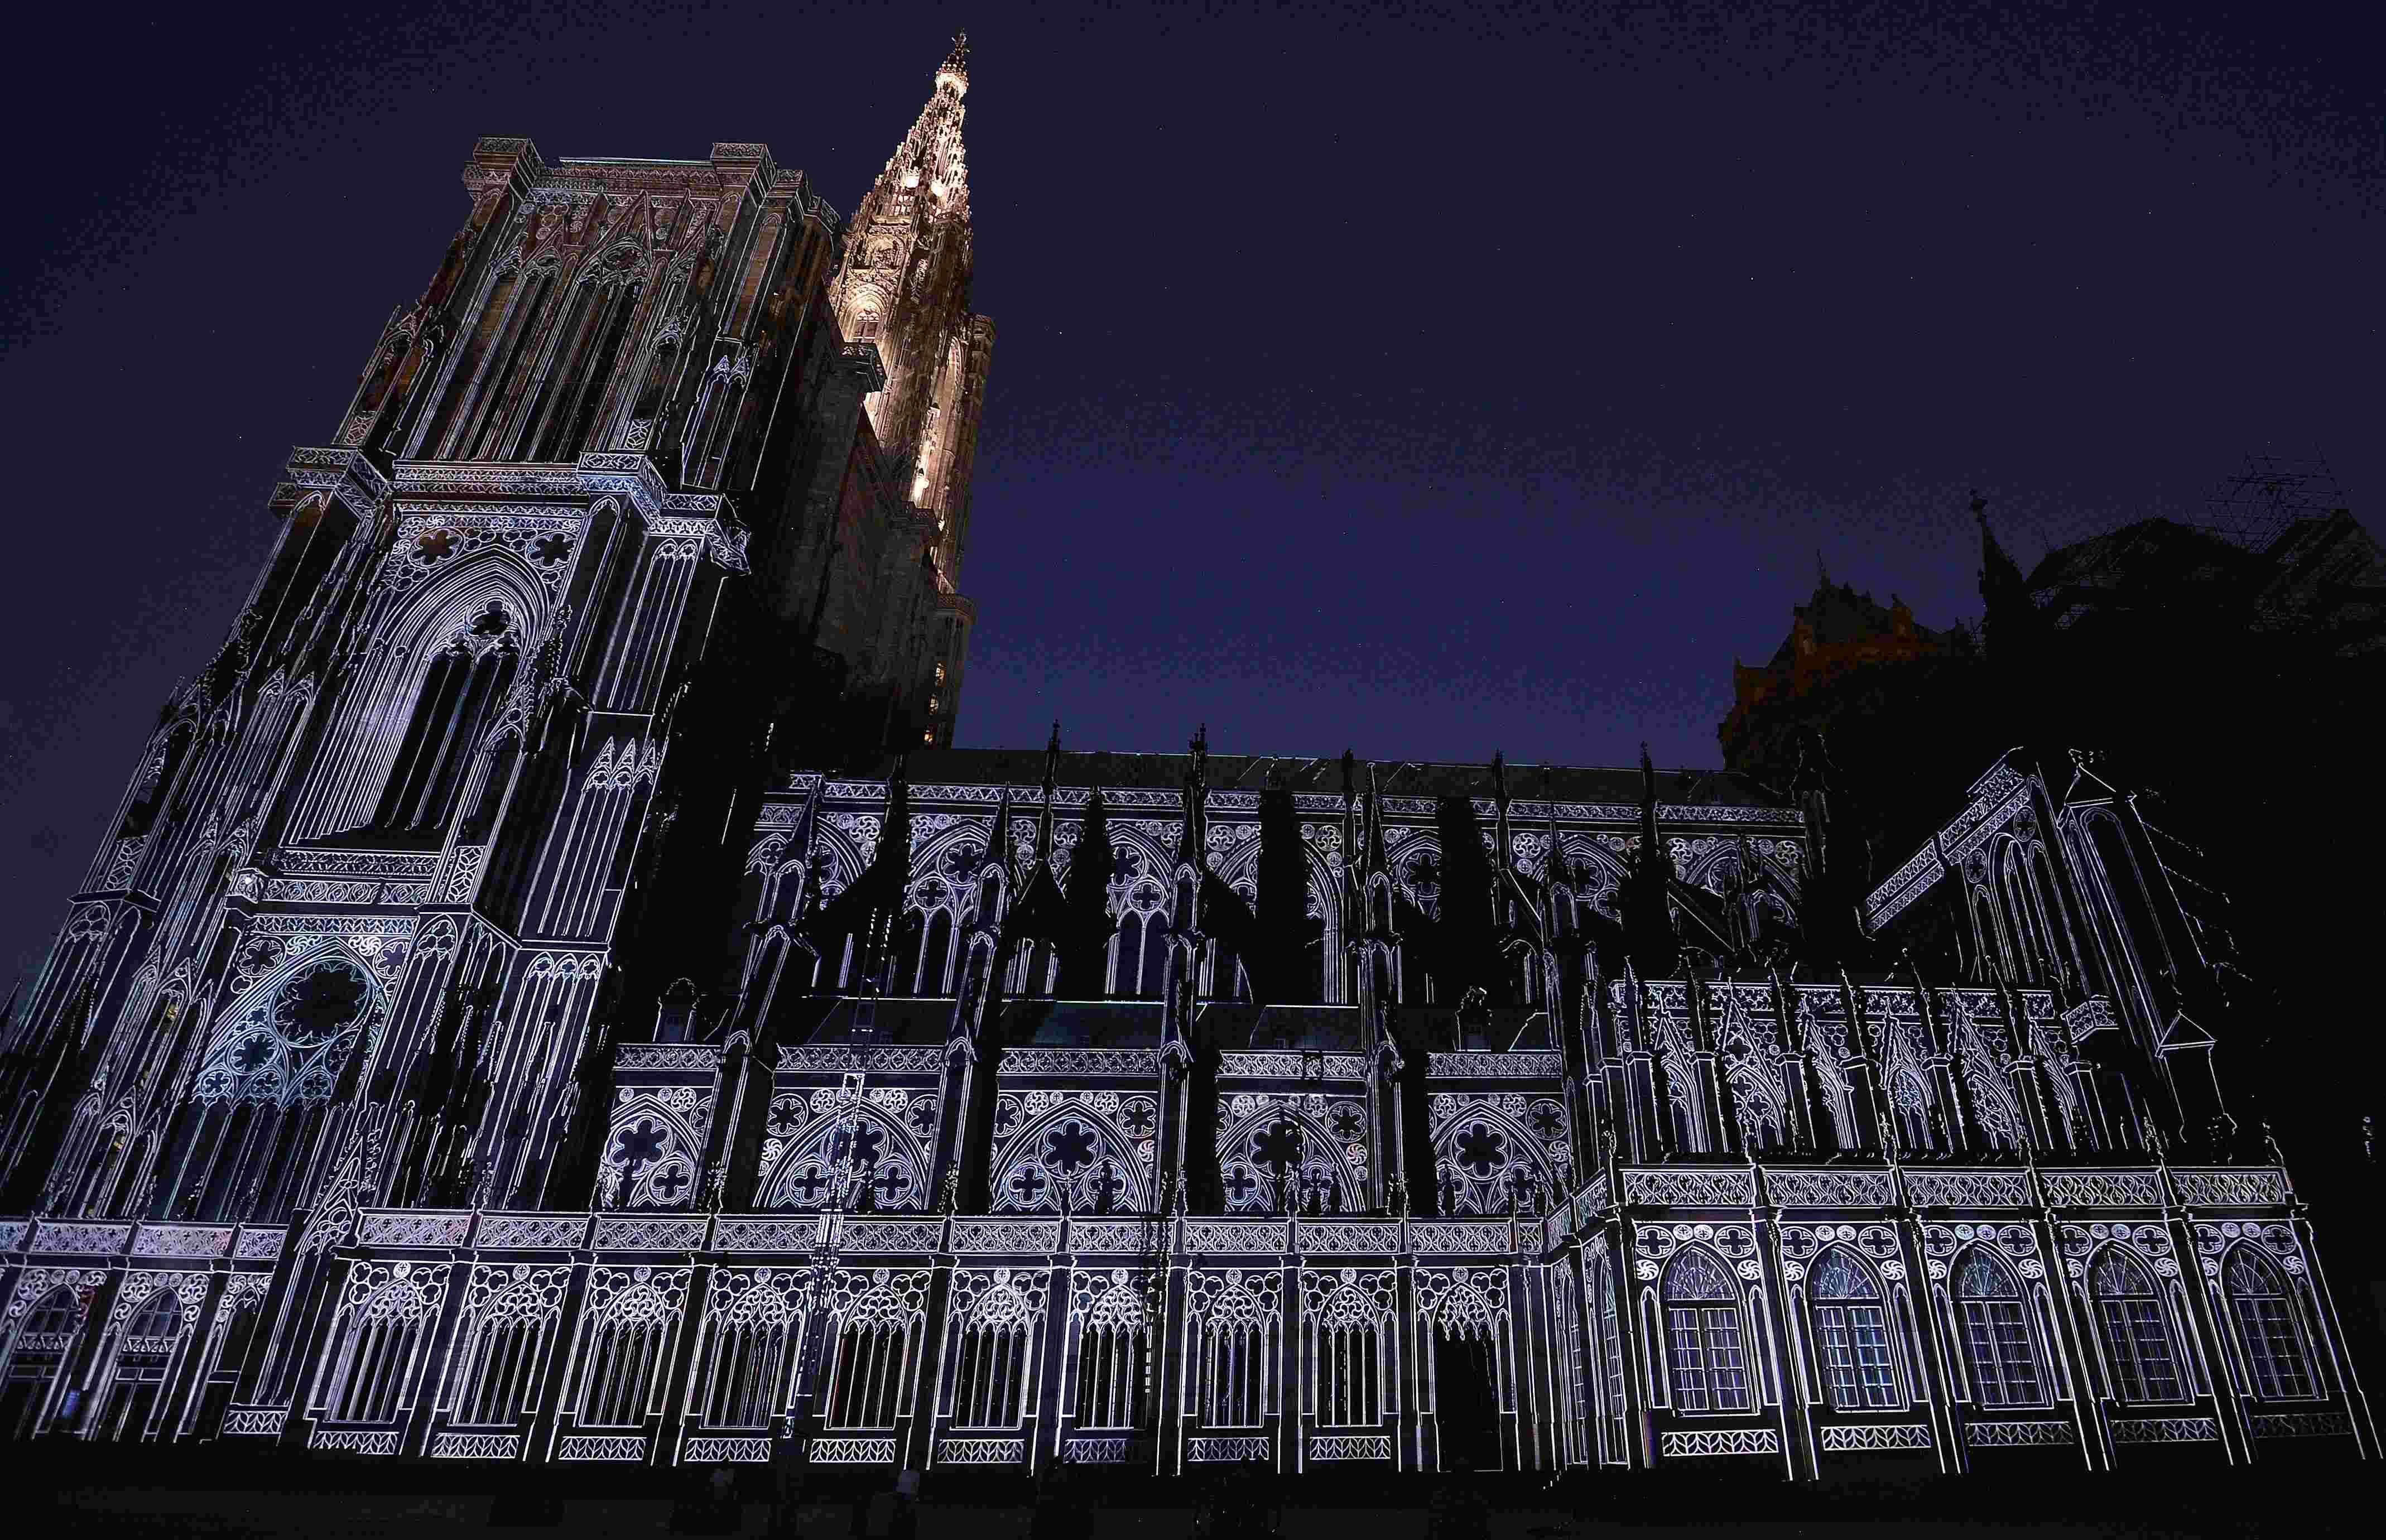 锐视角 1 斯特拉斯堡大教堂灯光秀庆千岁生日 高清图片